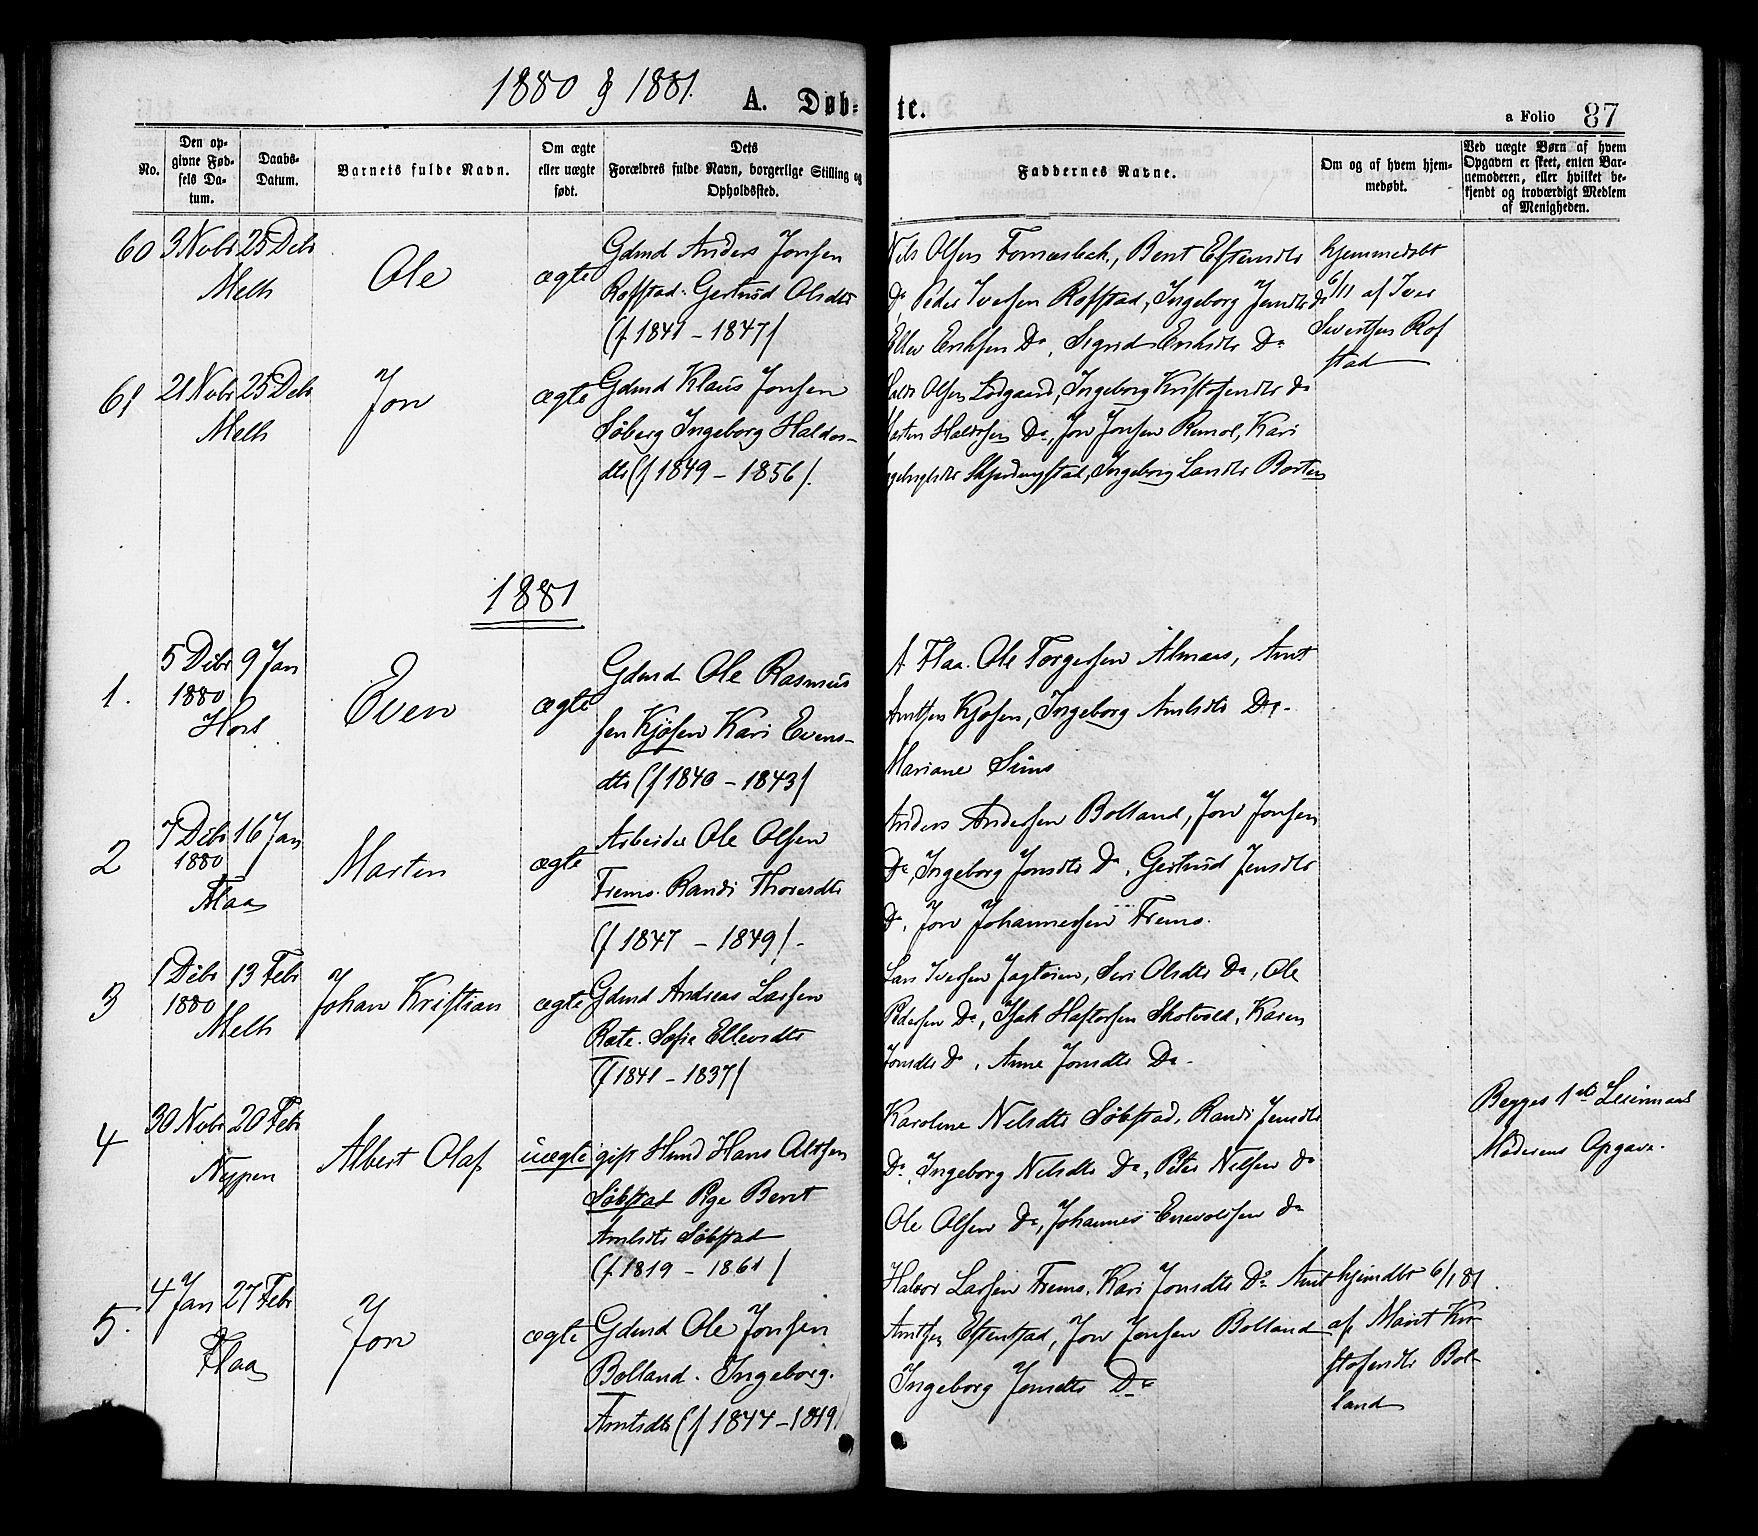 SAT, Ministerialprotokoller, klokkerbøker og fødselsregistre - Sør-Trøndelag, 691/L1079: Ministerialbok nr. 691A11, 1873-1886, s. 87